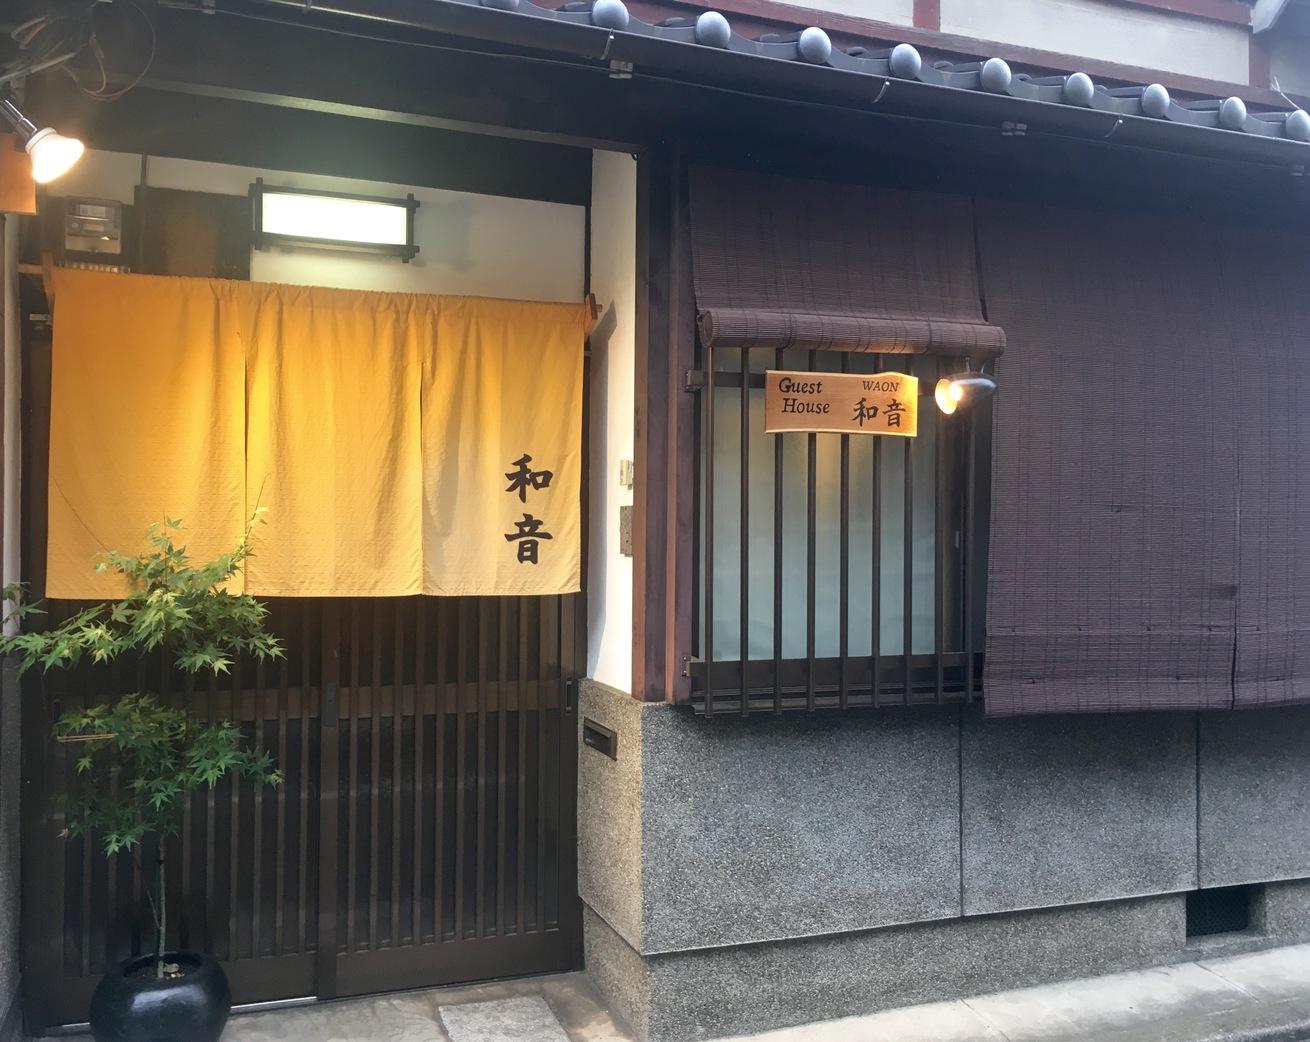 京都西陣 全室個室のほっこり宿「京町家ゲストハウス和音」 その1